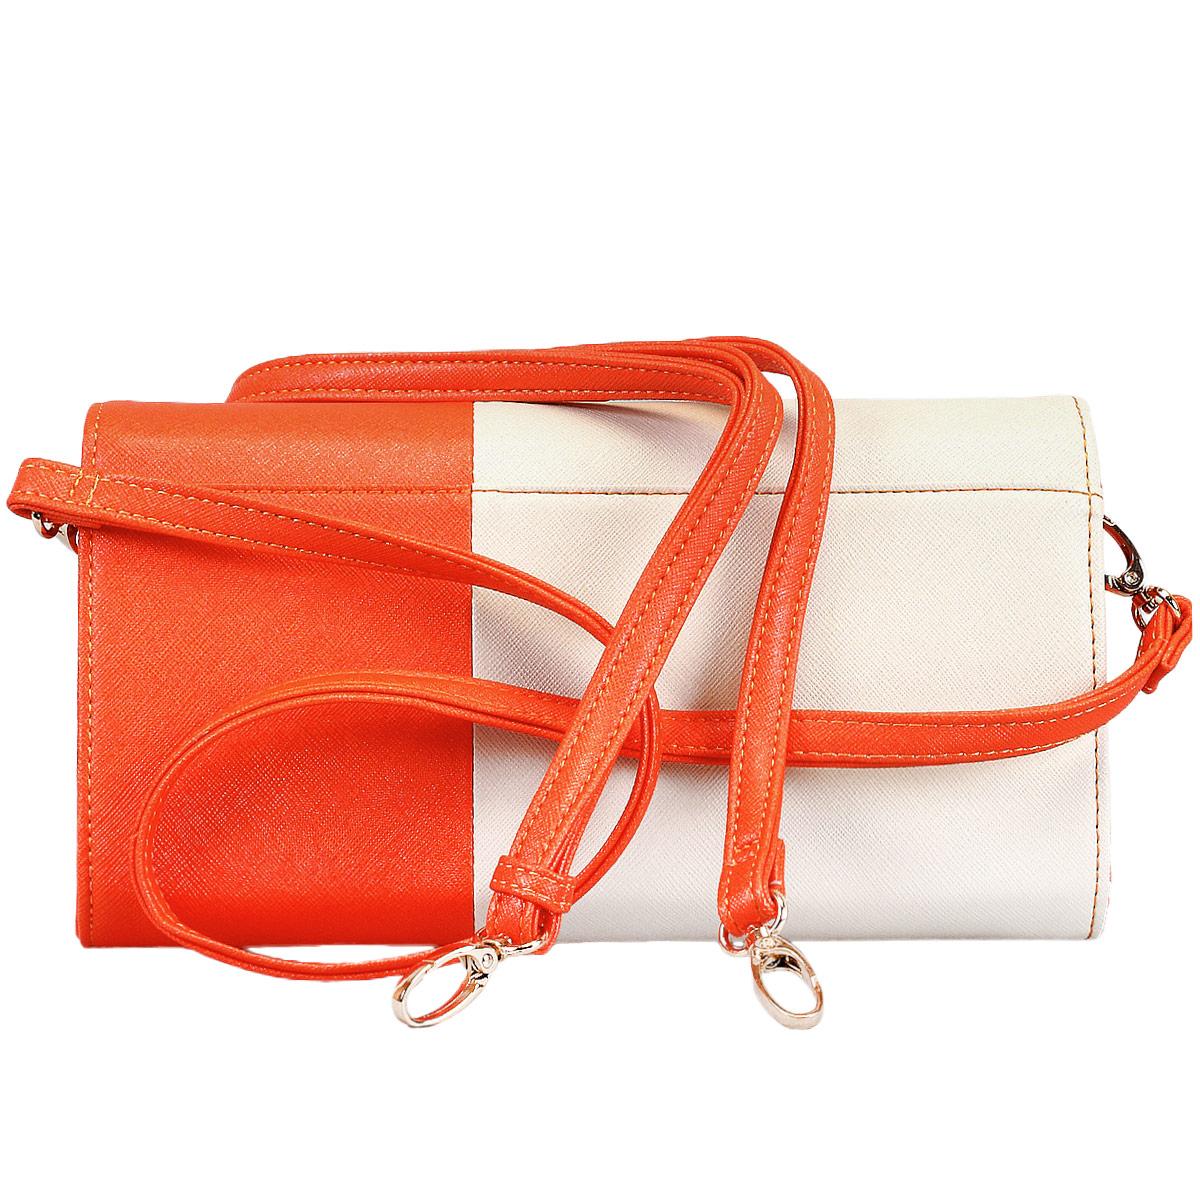 Сумка-клатч женская Leighton, цвет: молочный, оранжевый. 10656-3769 ( 10656-3769/23/3769/18 беж )